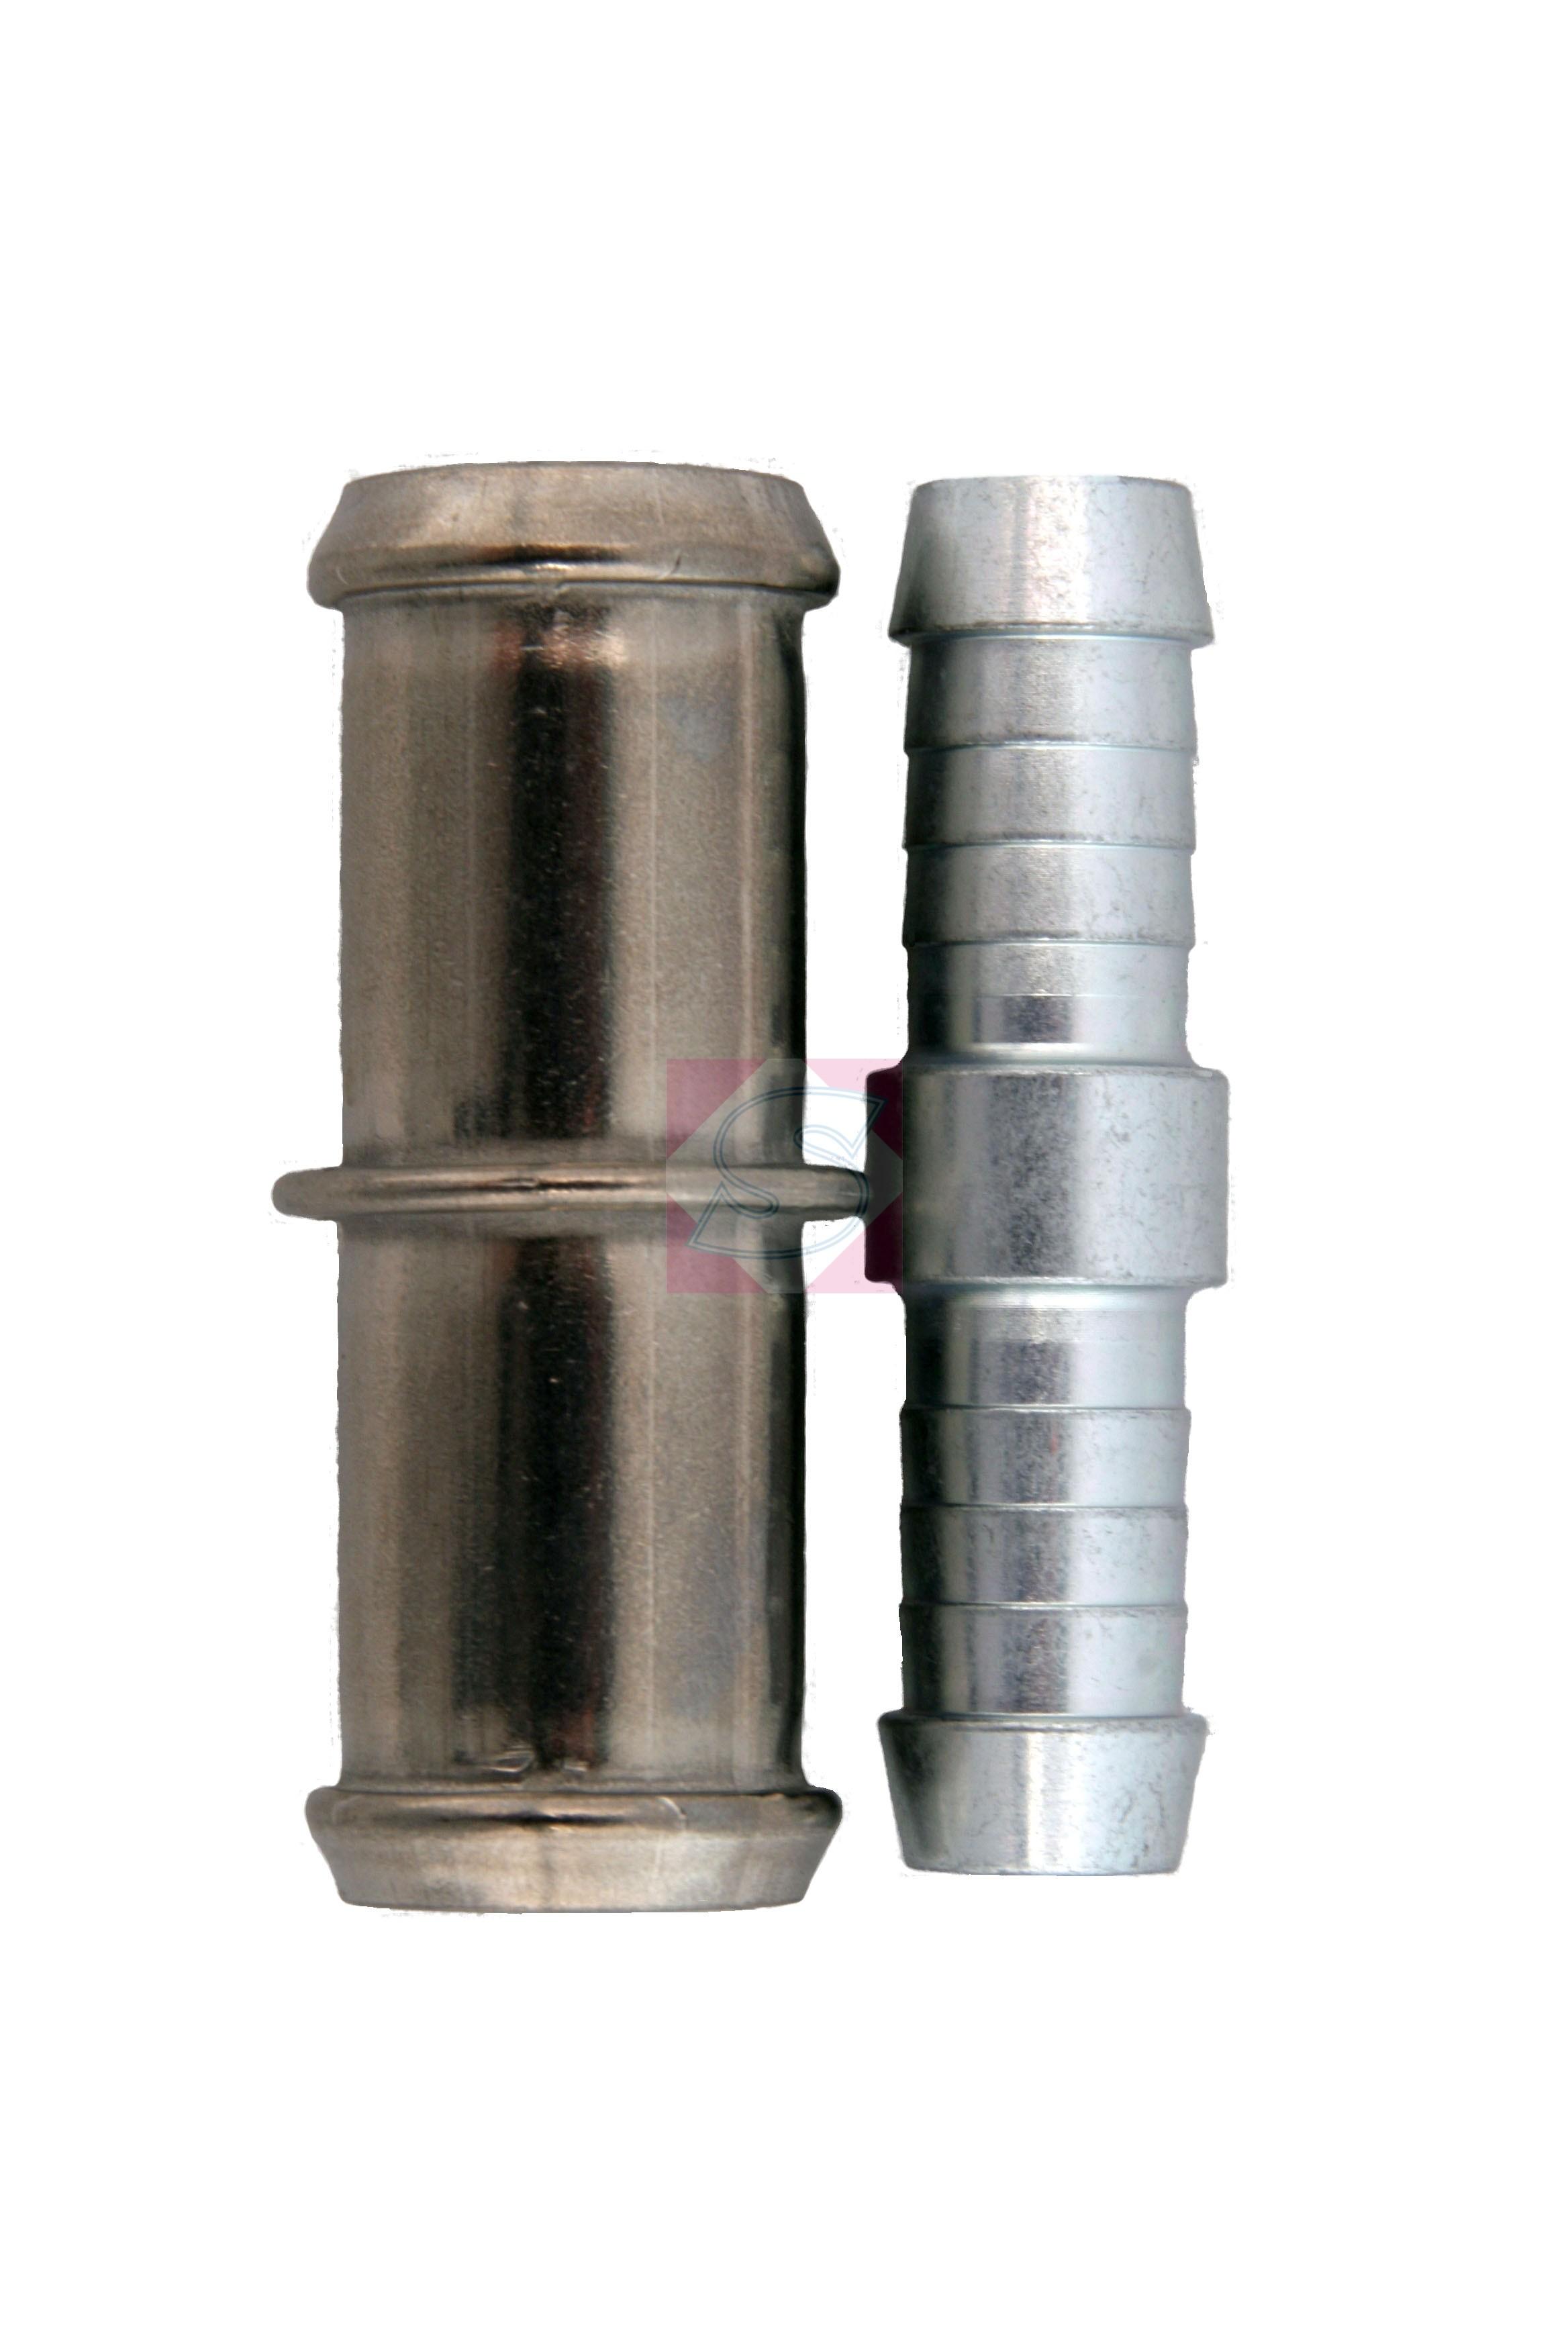 Schlauchverbinder für 1/2 (12,7 mm) Schlauch